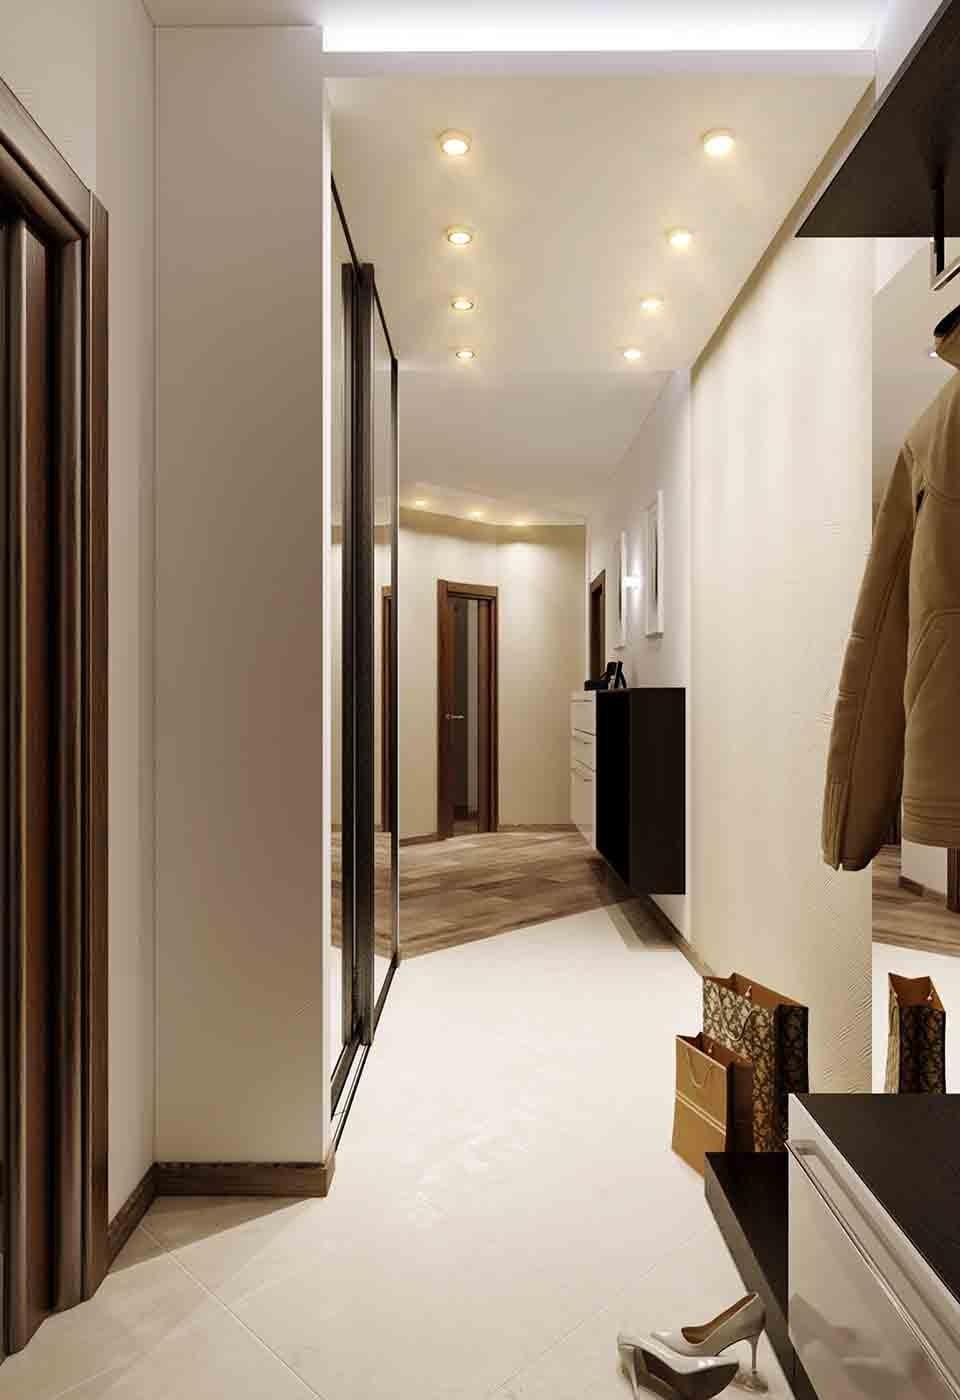 Come Arredare Al Meglio Un Corridoio Estetica E Funzionalita